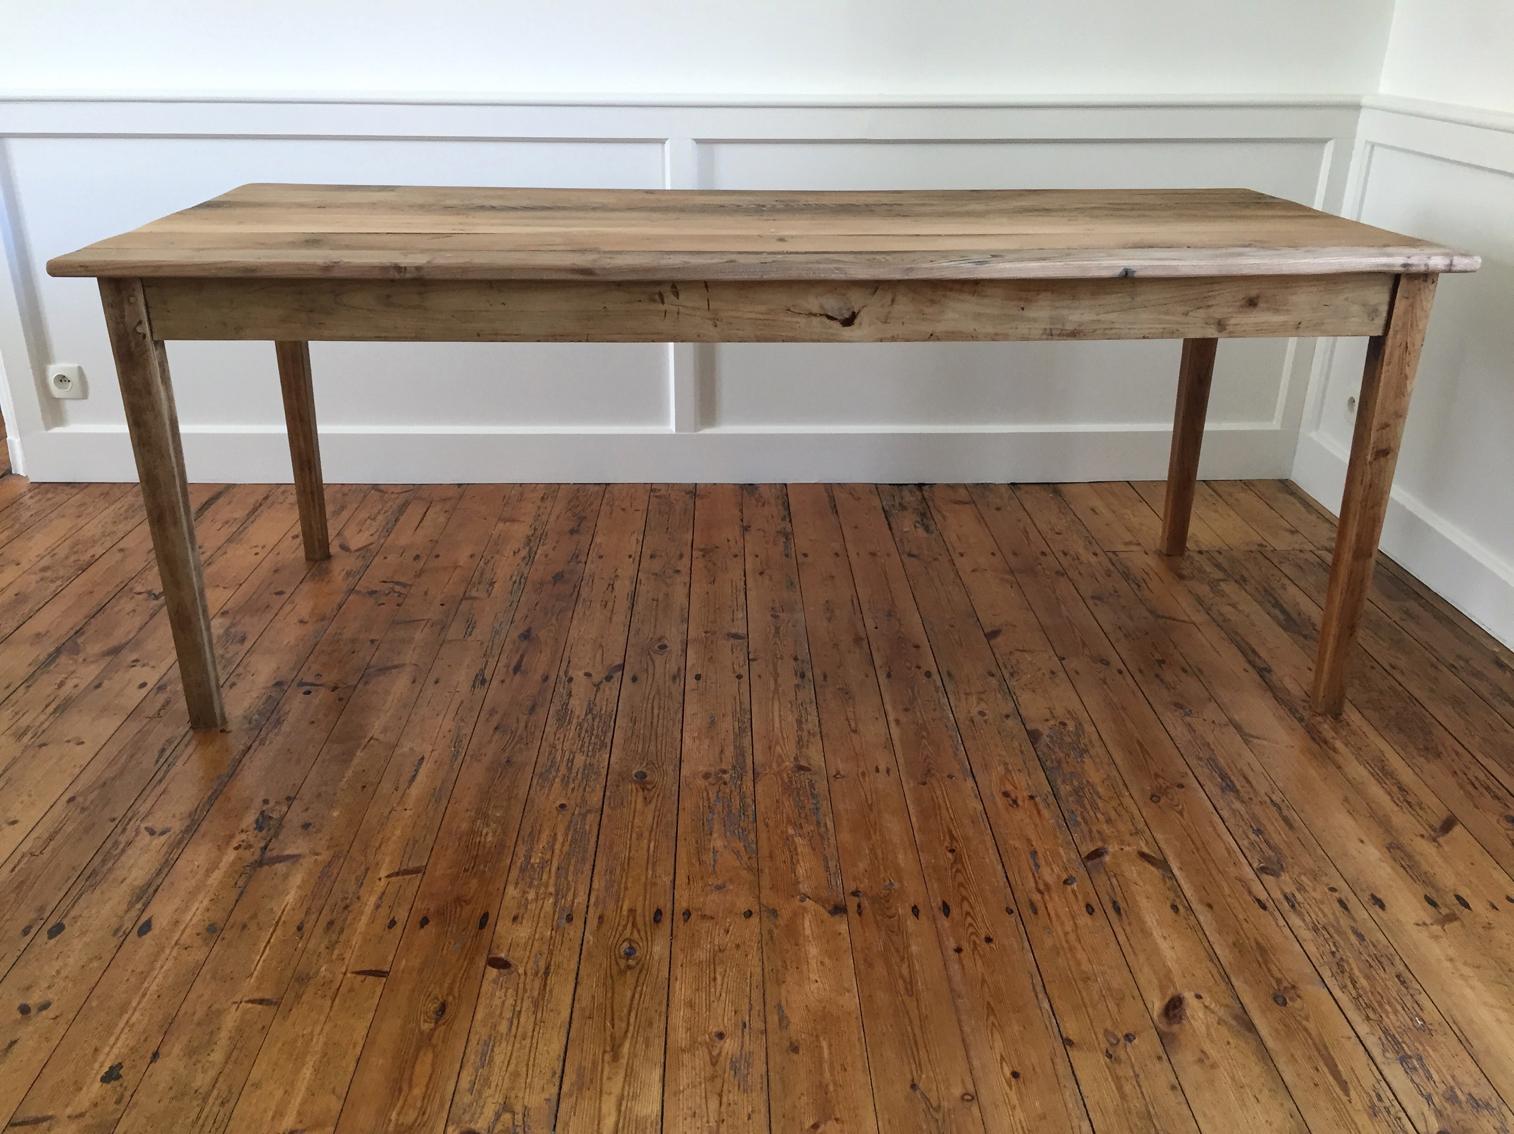 Table de ferme 12×12 – Chine & Chêne